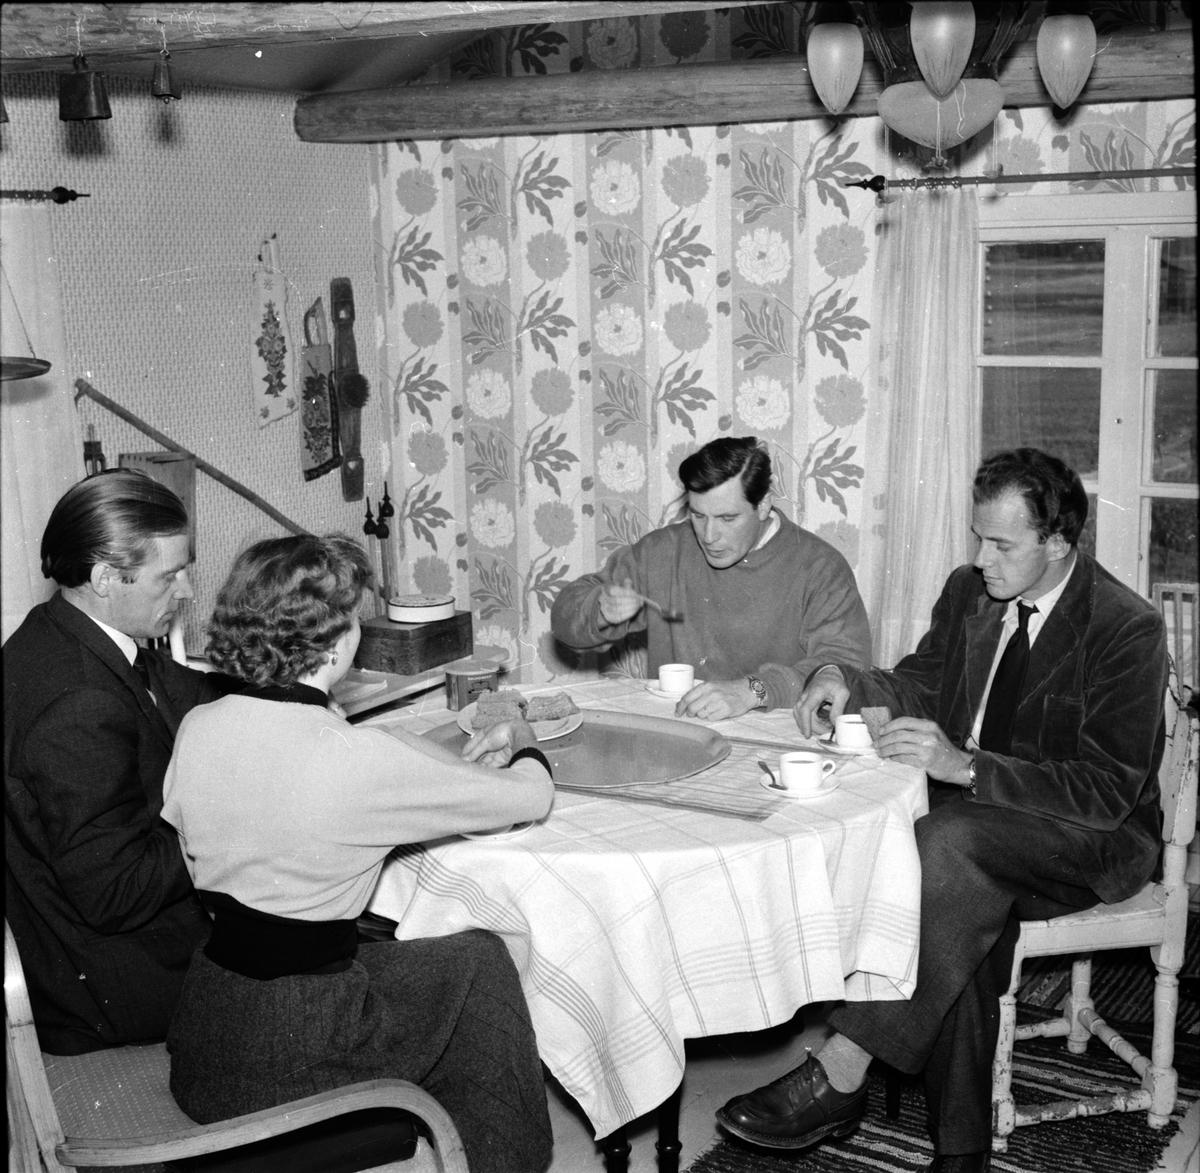 Arbrå, Postm. JA Flink, Mars 1968